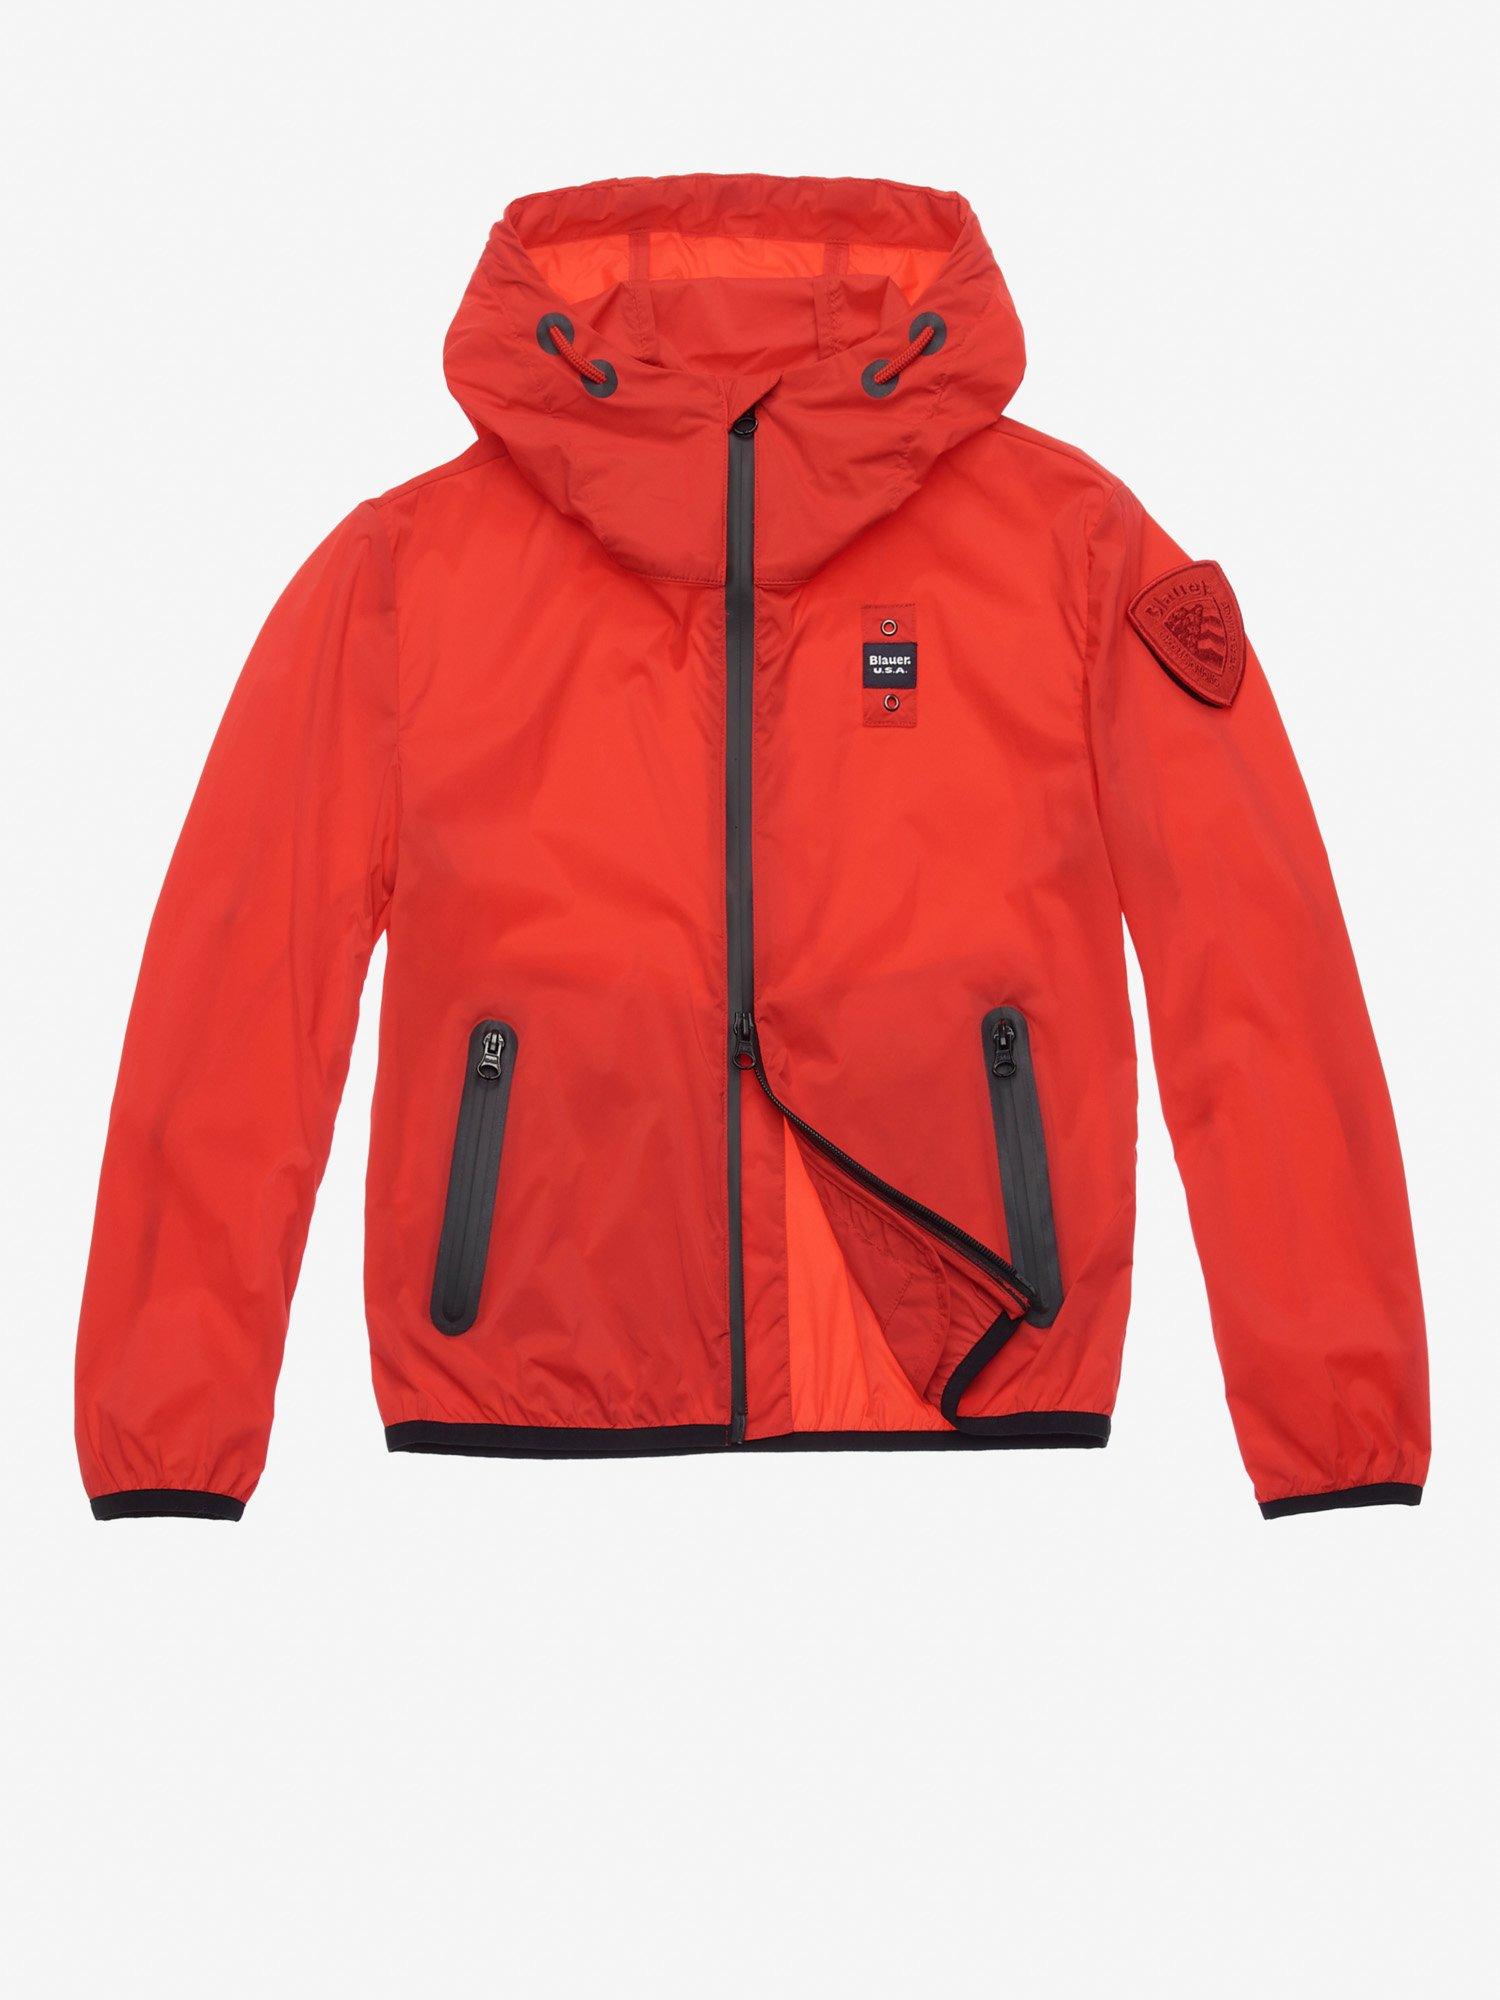 ed6843f884bc Giubbotti e abbigliamento Bambino Blauer® - Shop Online